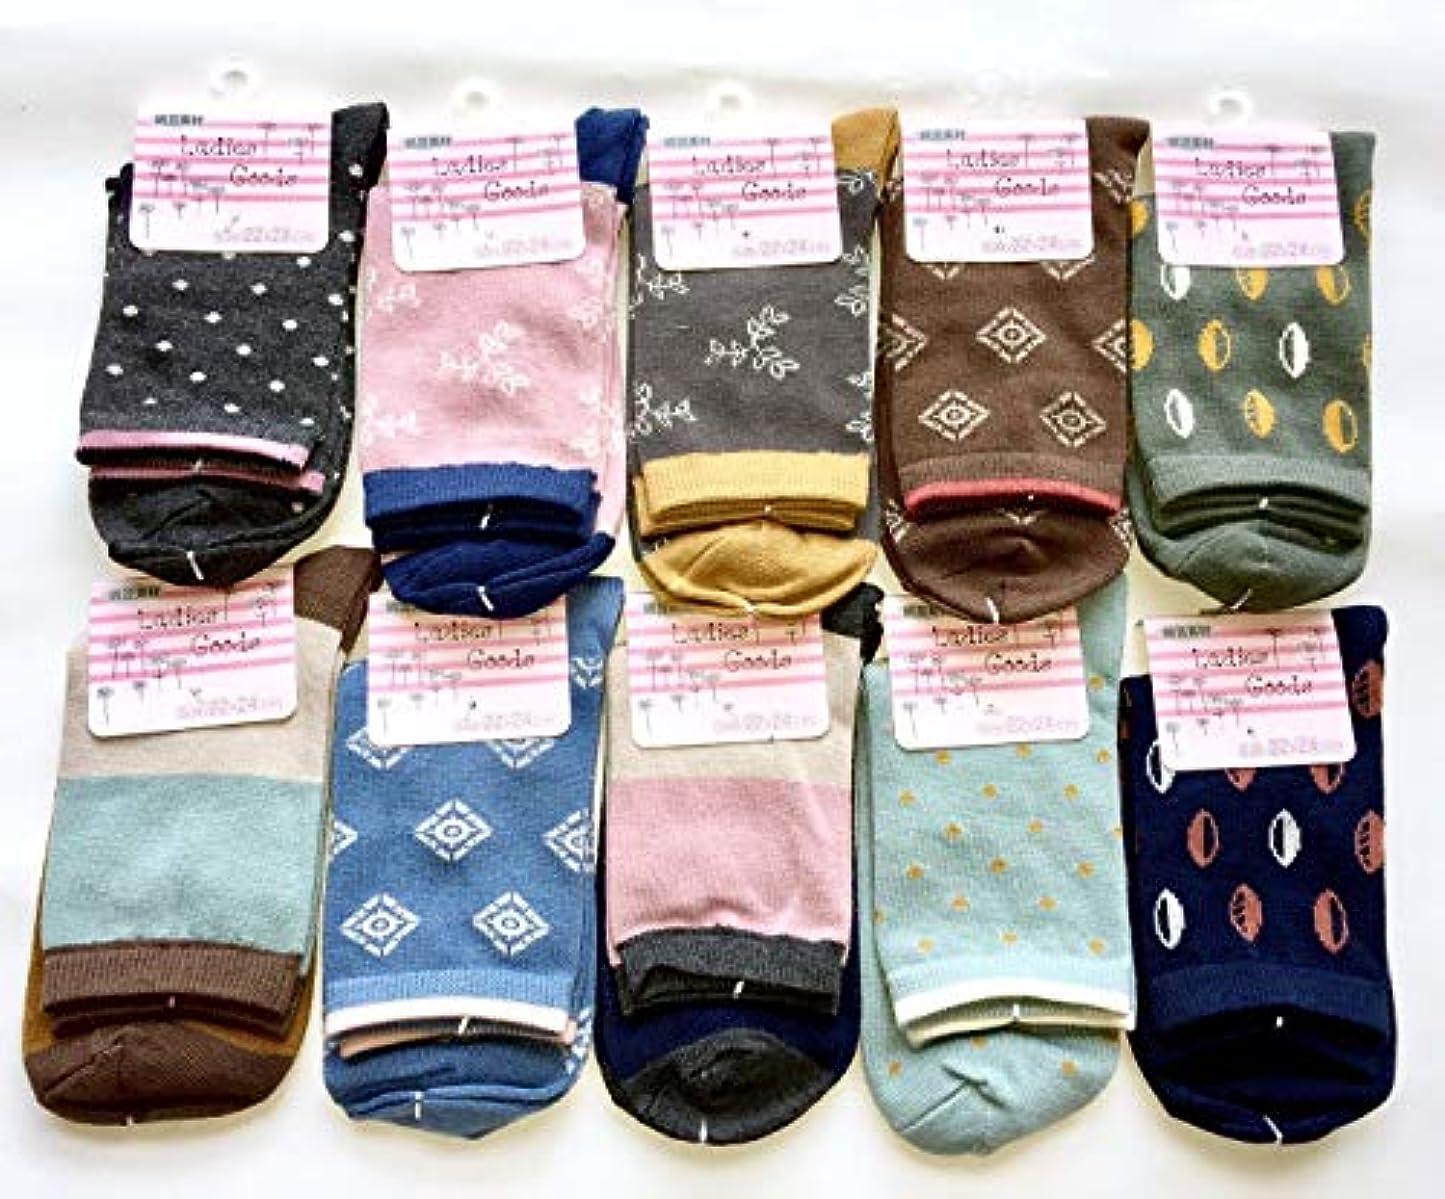 ソックス レディース おしゃれ かわいい ポップ柄 靴下 セット 22-24cm お買得10足セット